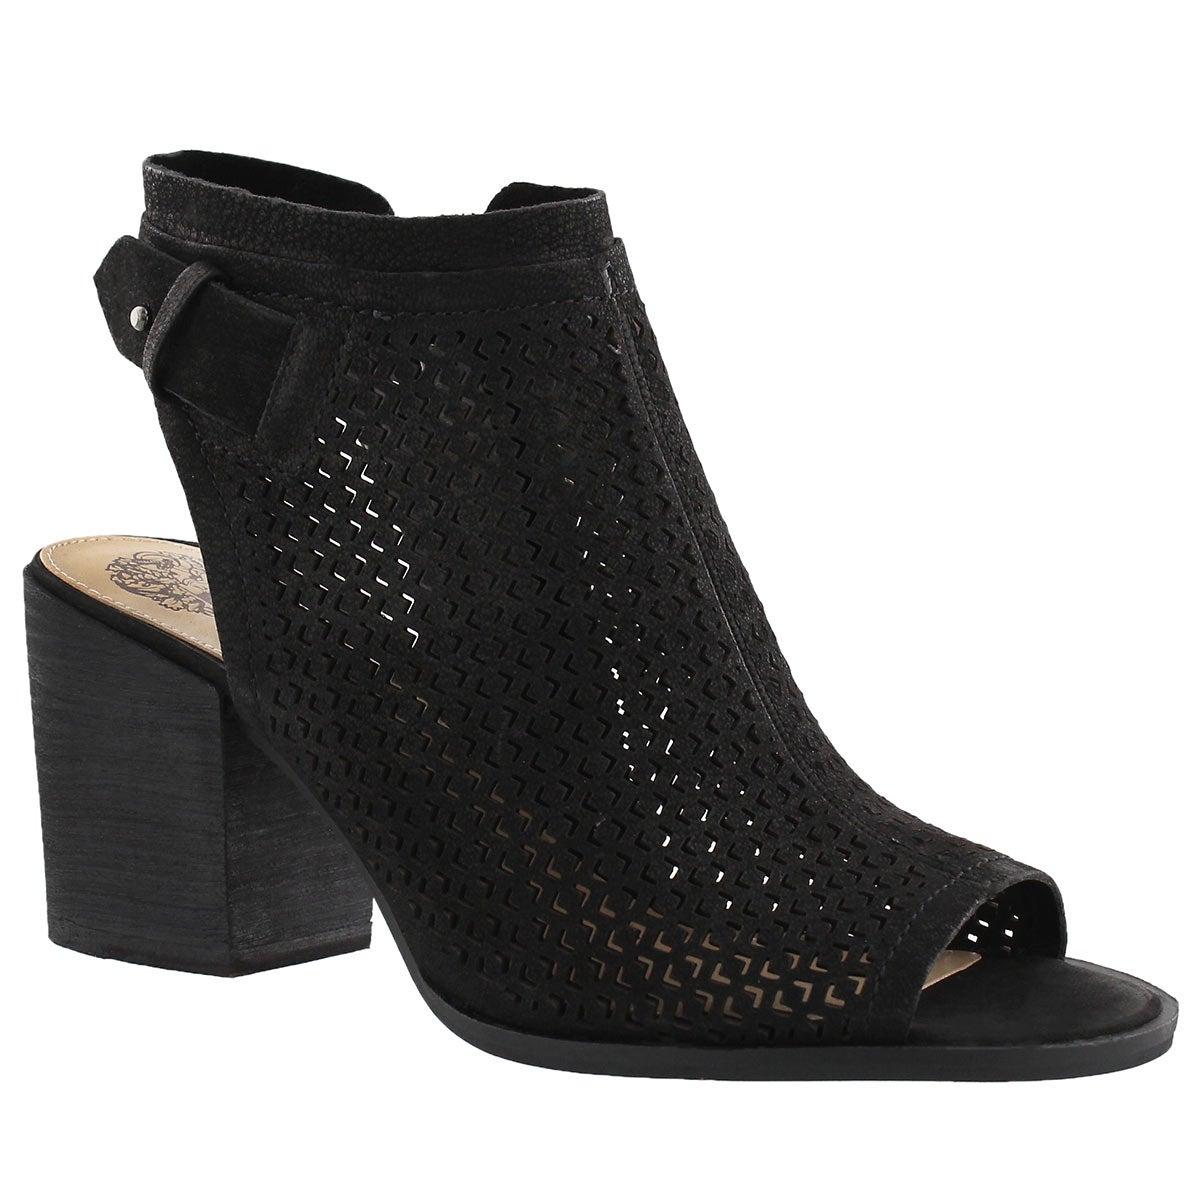 Women's LIDIE black peep toe dress sandals